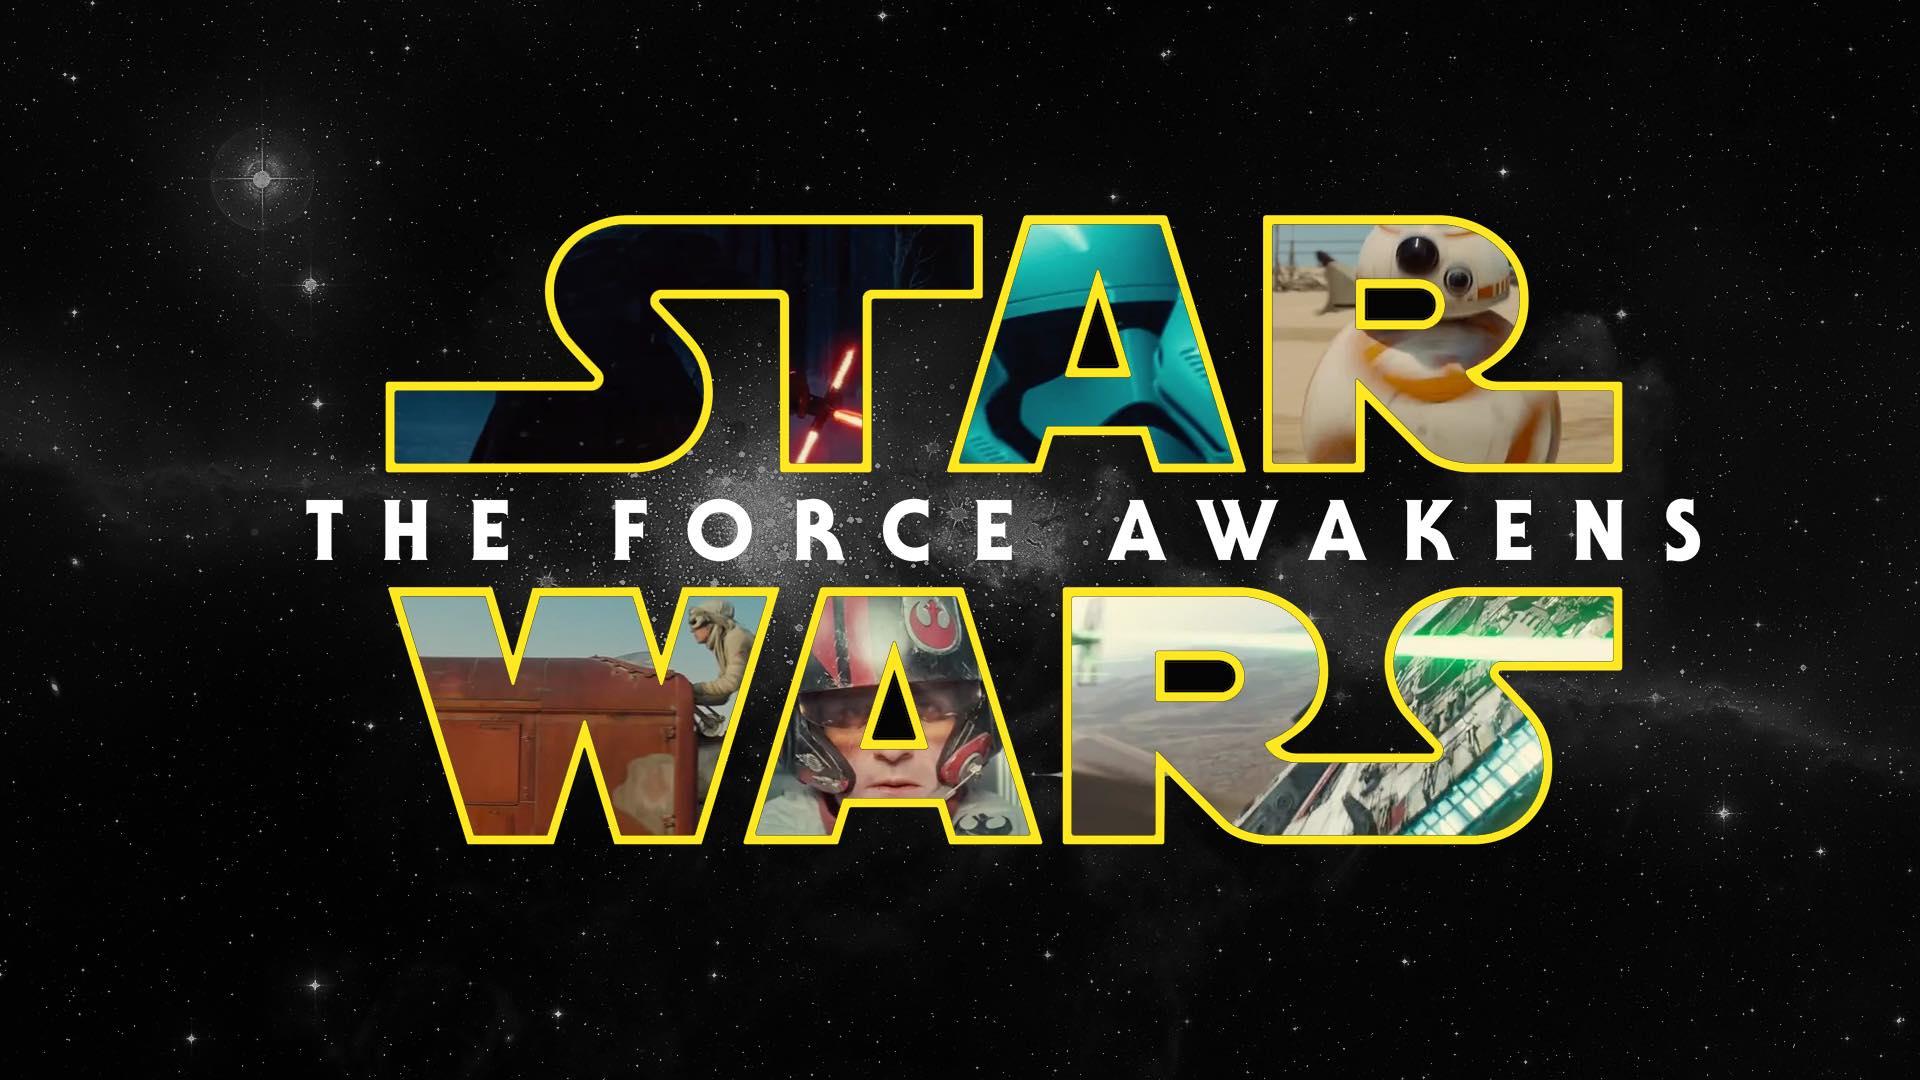 【ネタバレ注意】新三部作世代のファンから見た「スター・ウォーズ/フォースの覚醒」